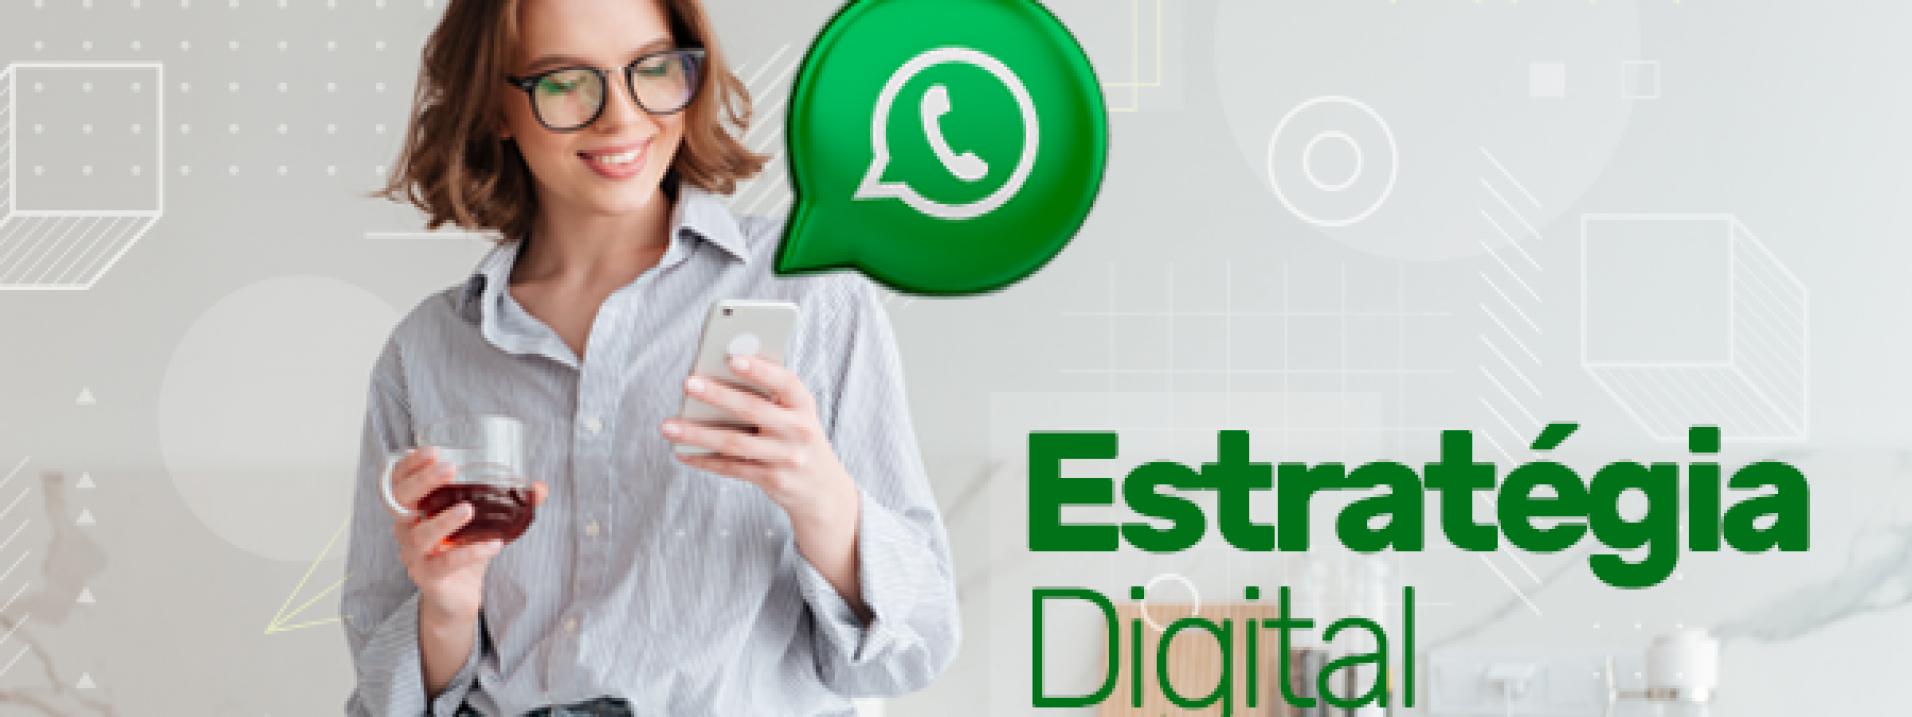 Estratégias Digitais com Whatsapp